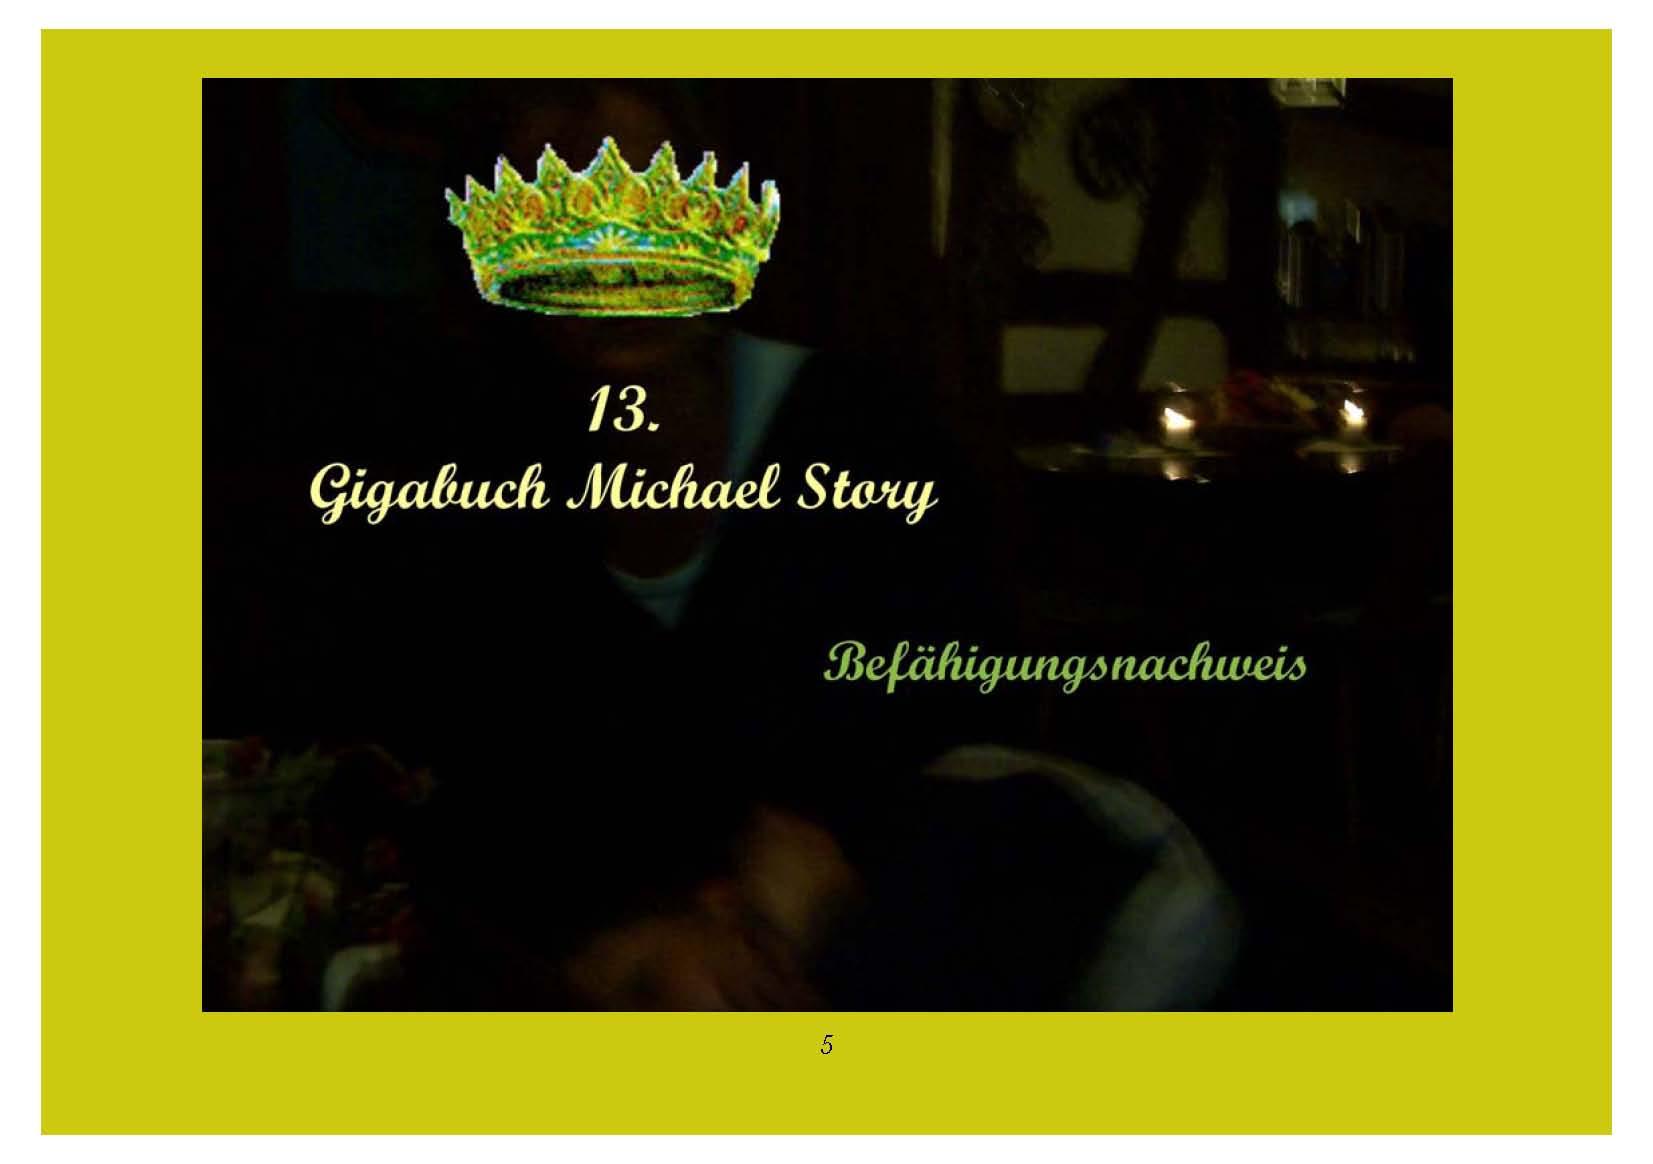 ™Gigabuch-Bibliothek/iAutobiographie Band 13/Bild 0864